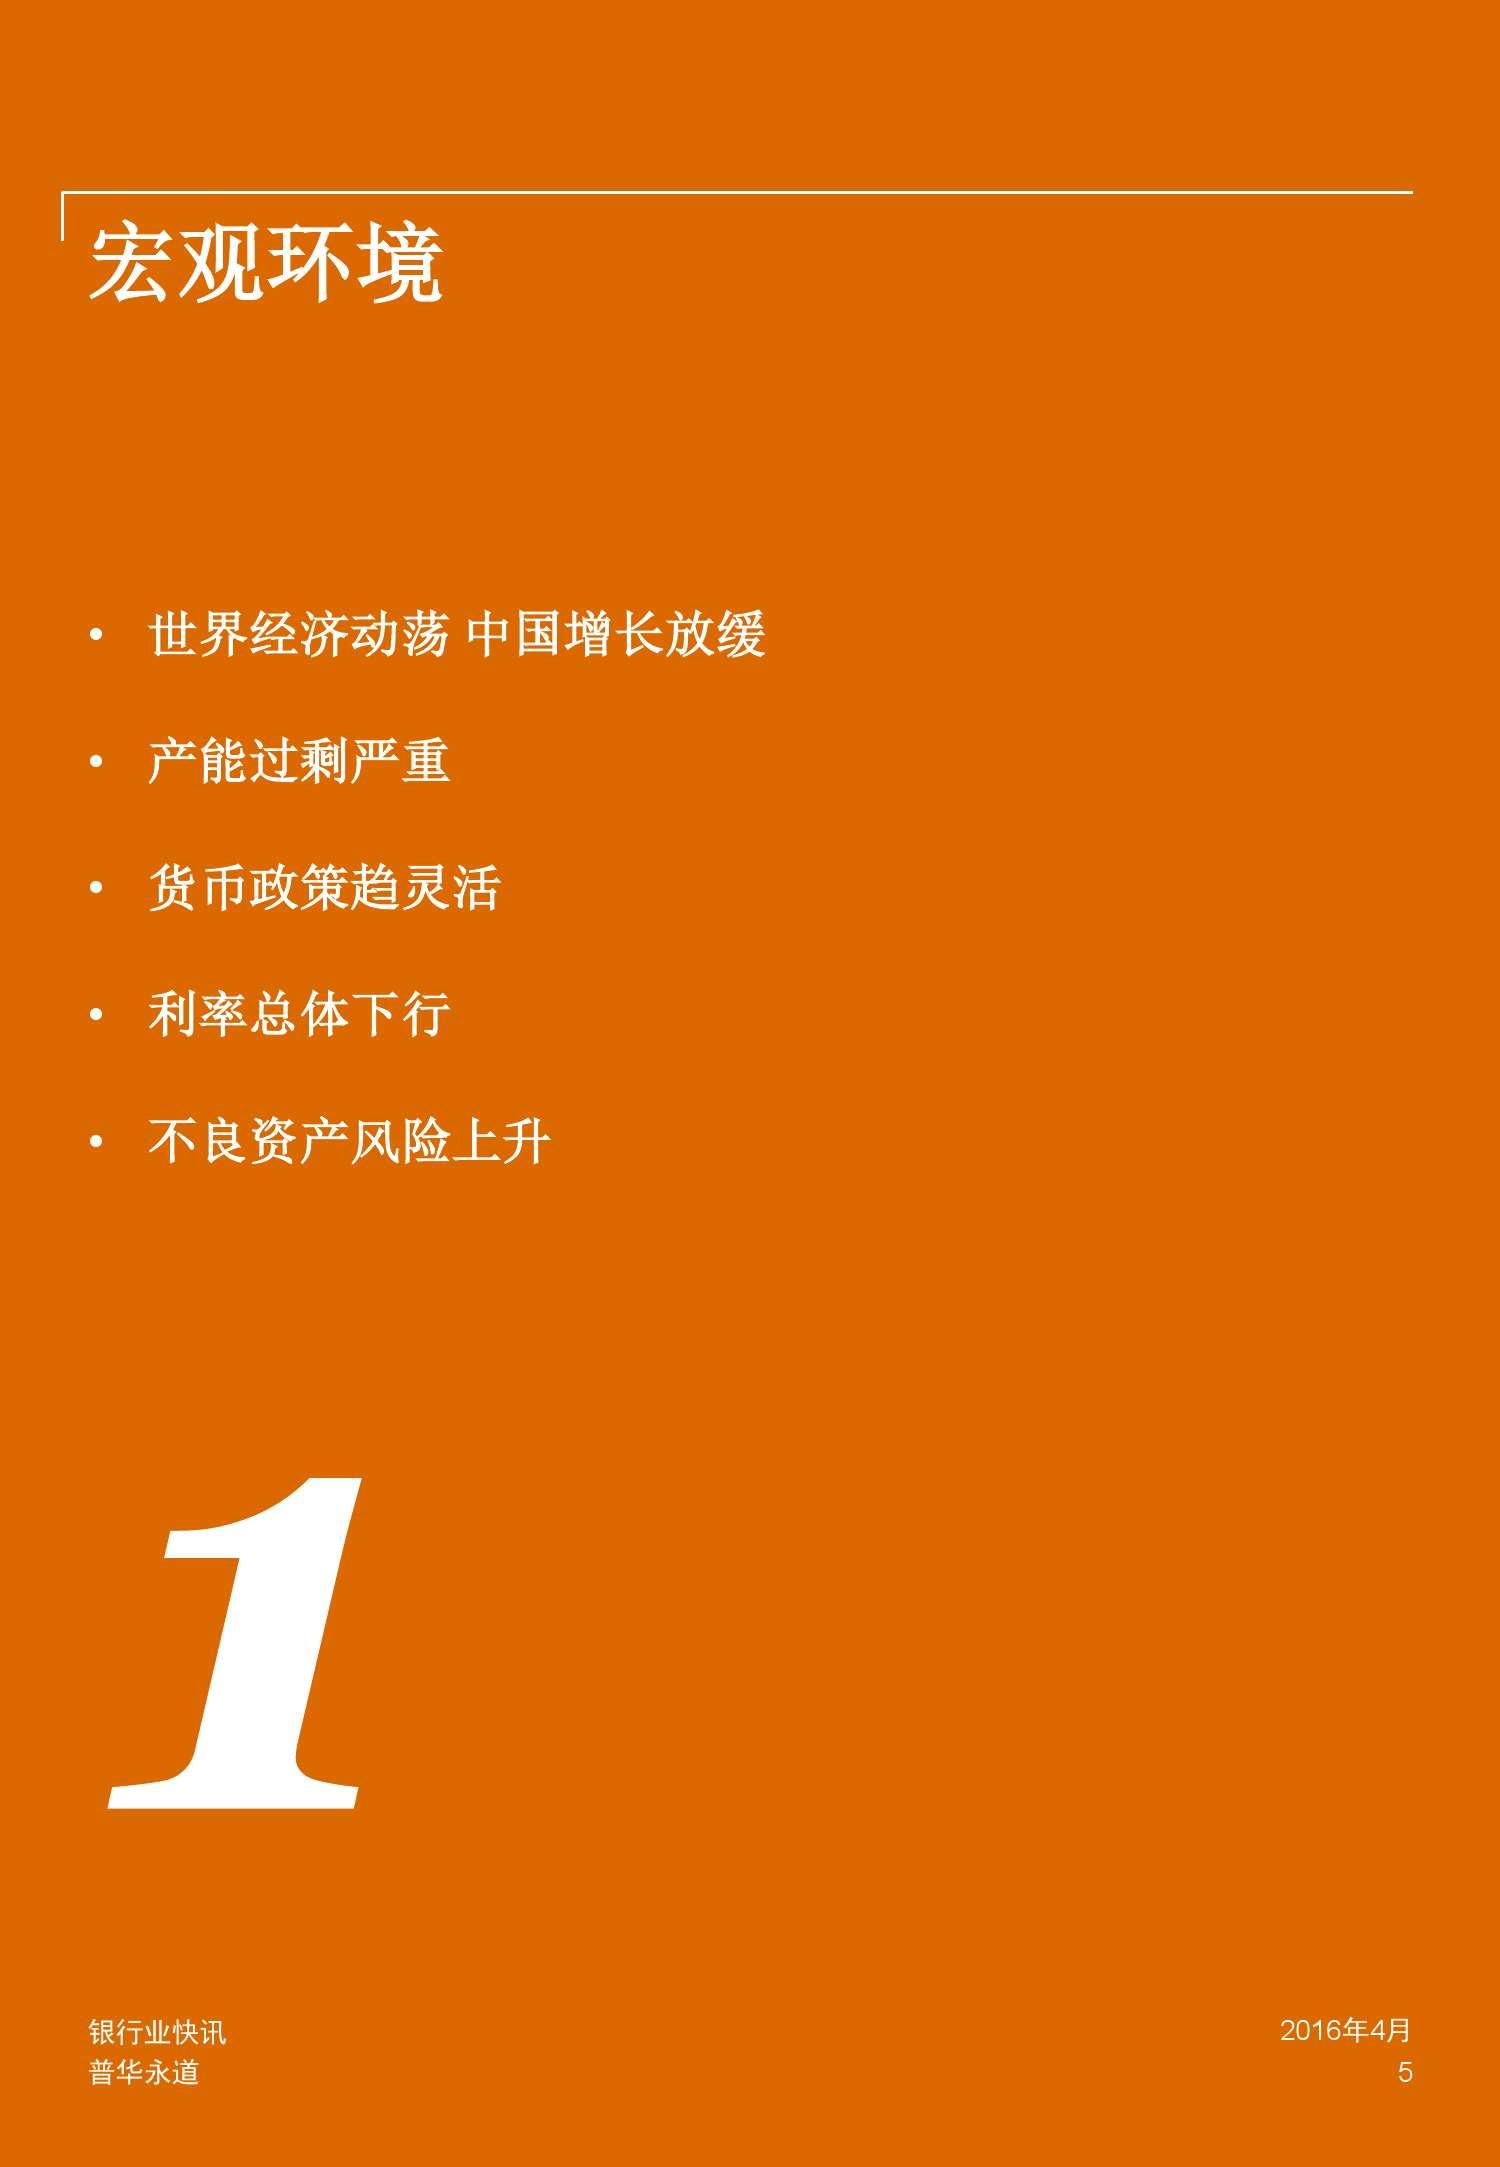 普华永道:2015年中国银行业回顾与展望_000005